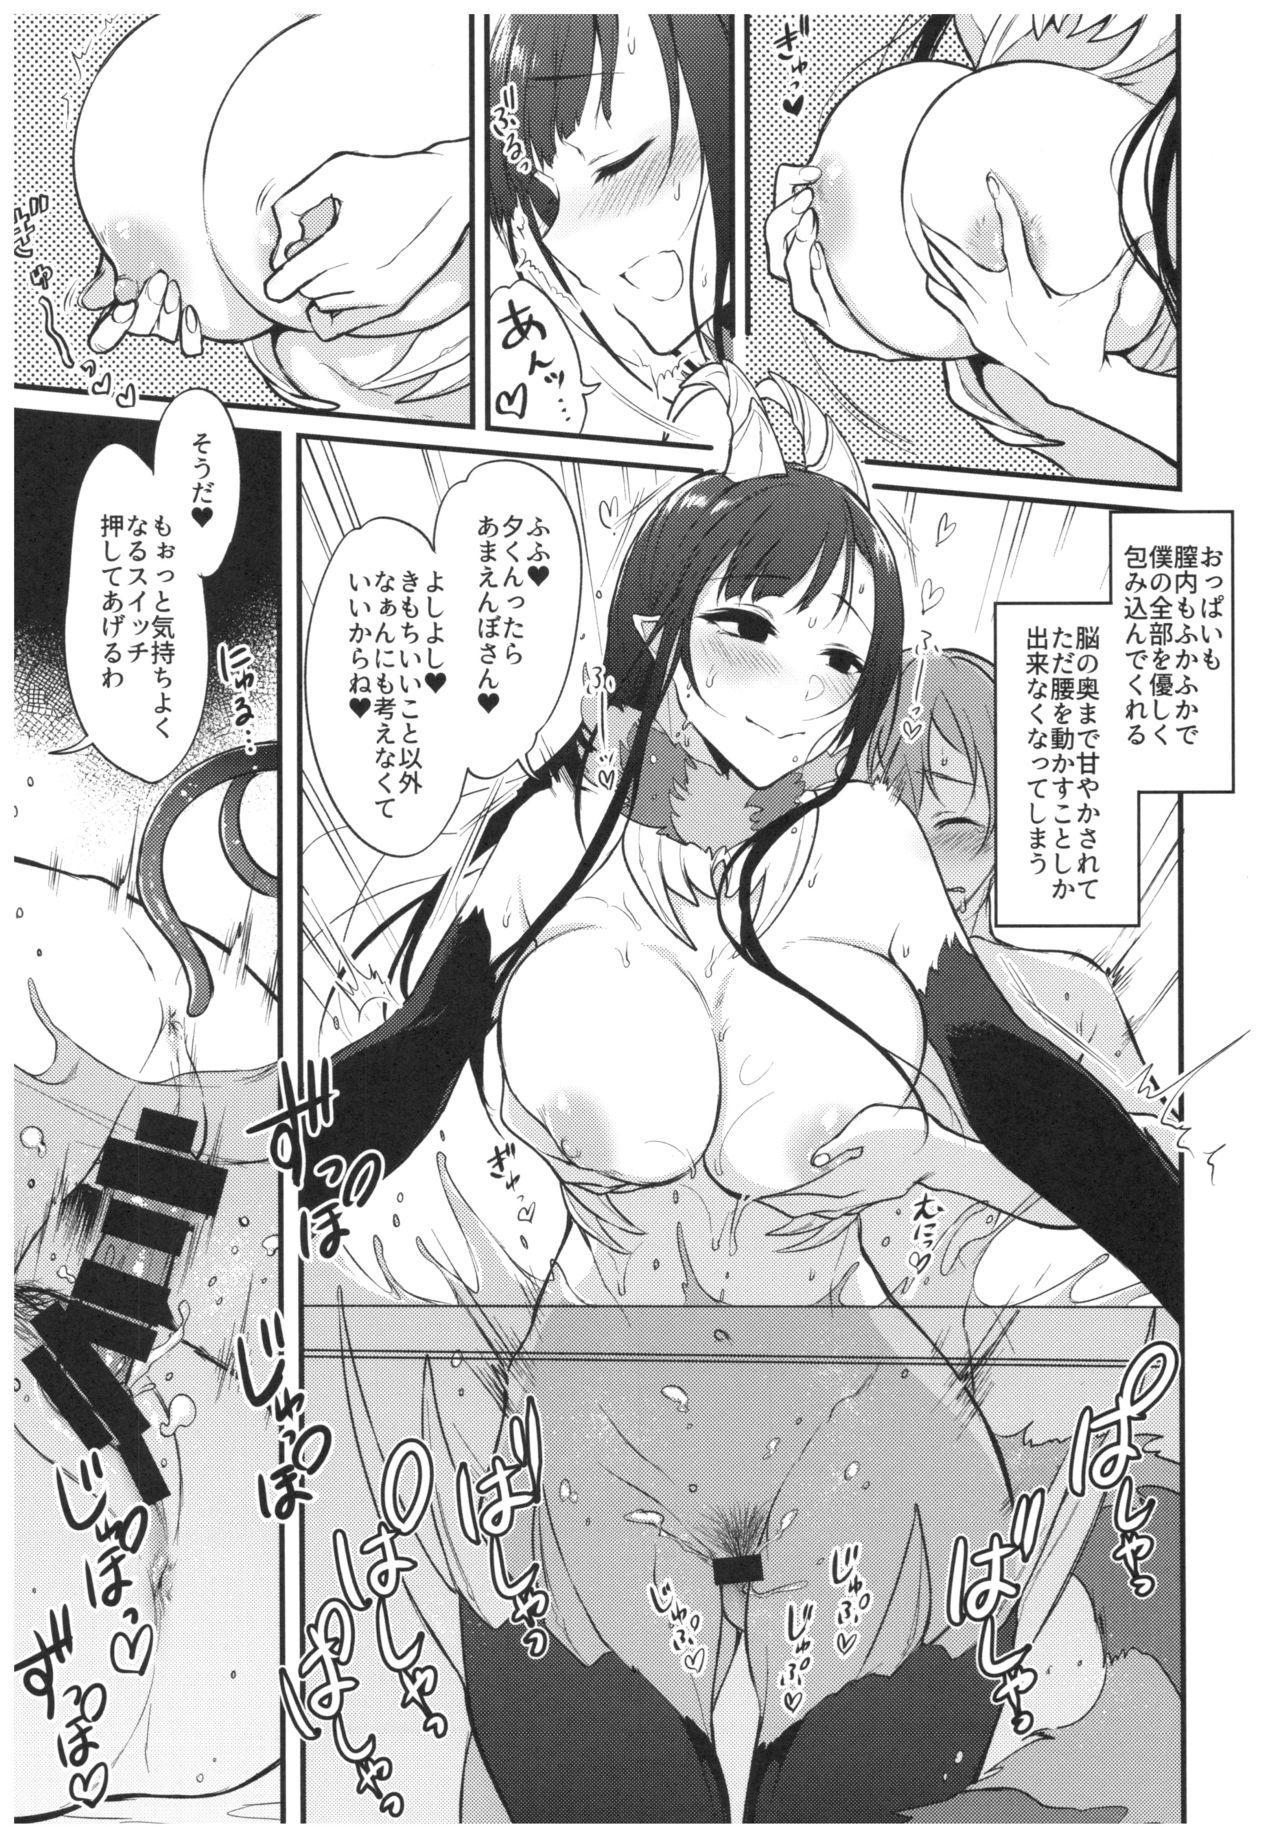 Ane Naru Mono 6 15